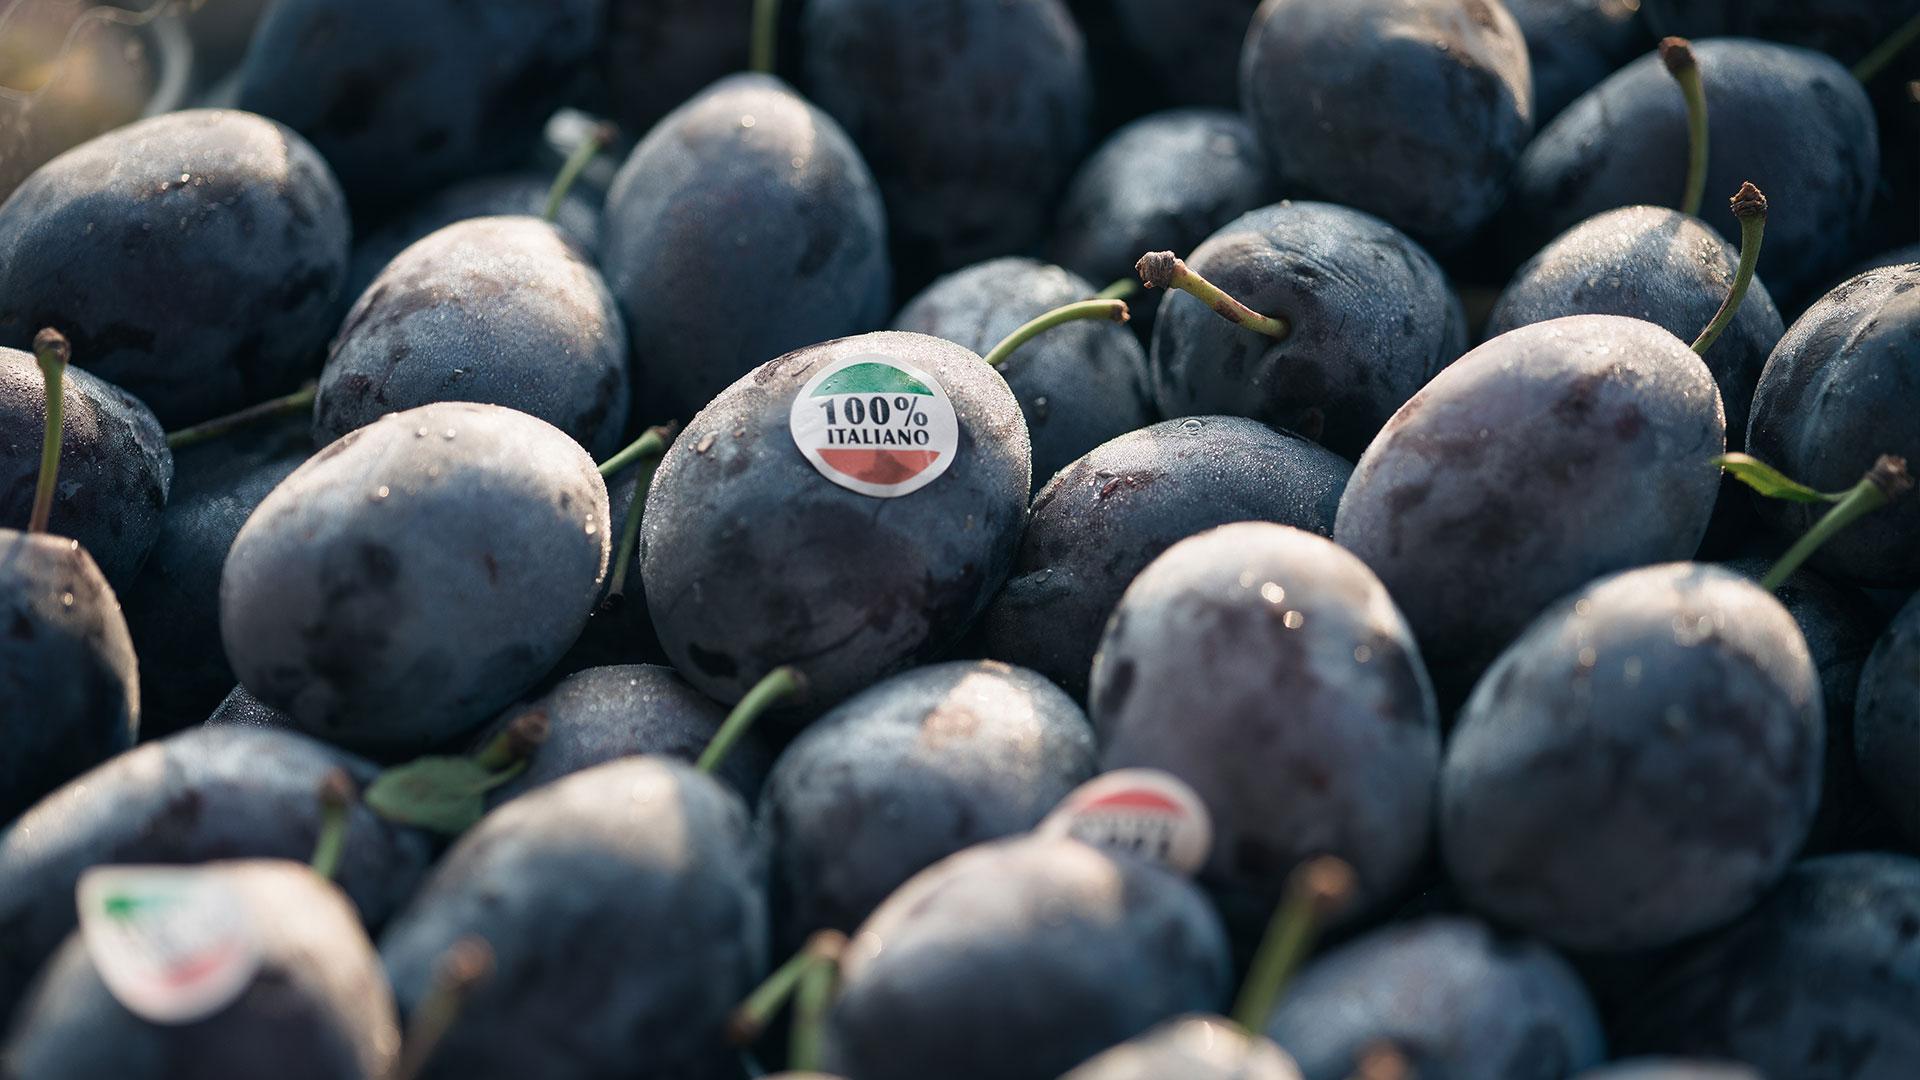 Prugne italiane fornite all'ingrosso | Due Erre